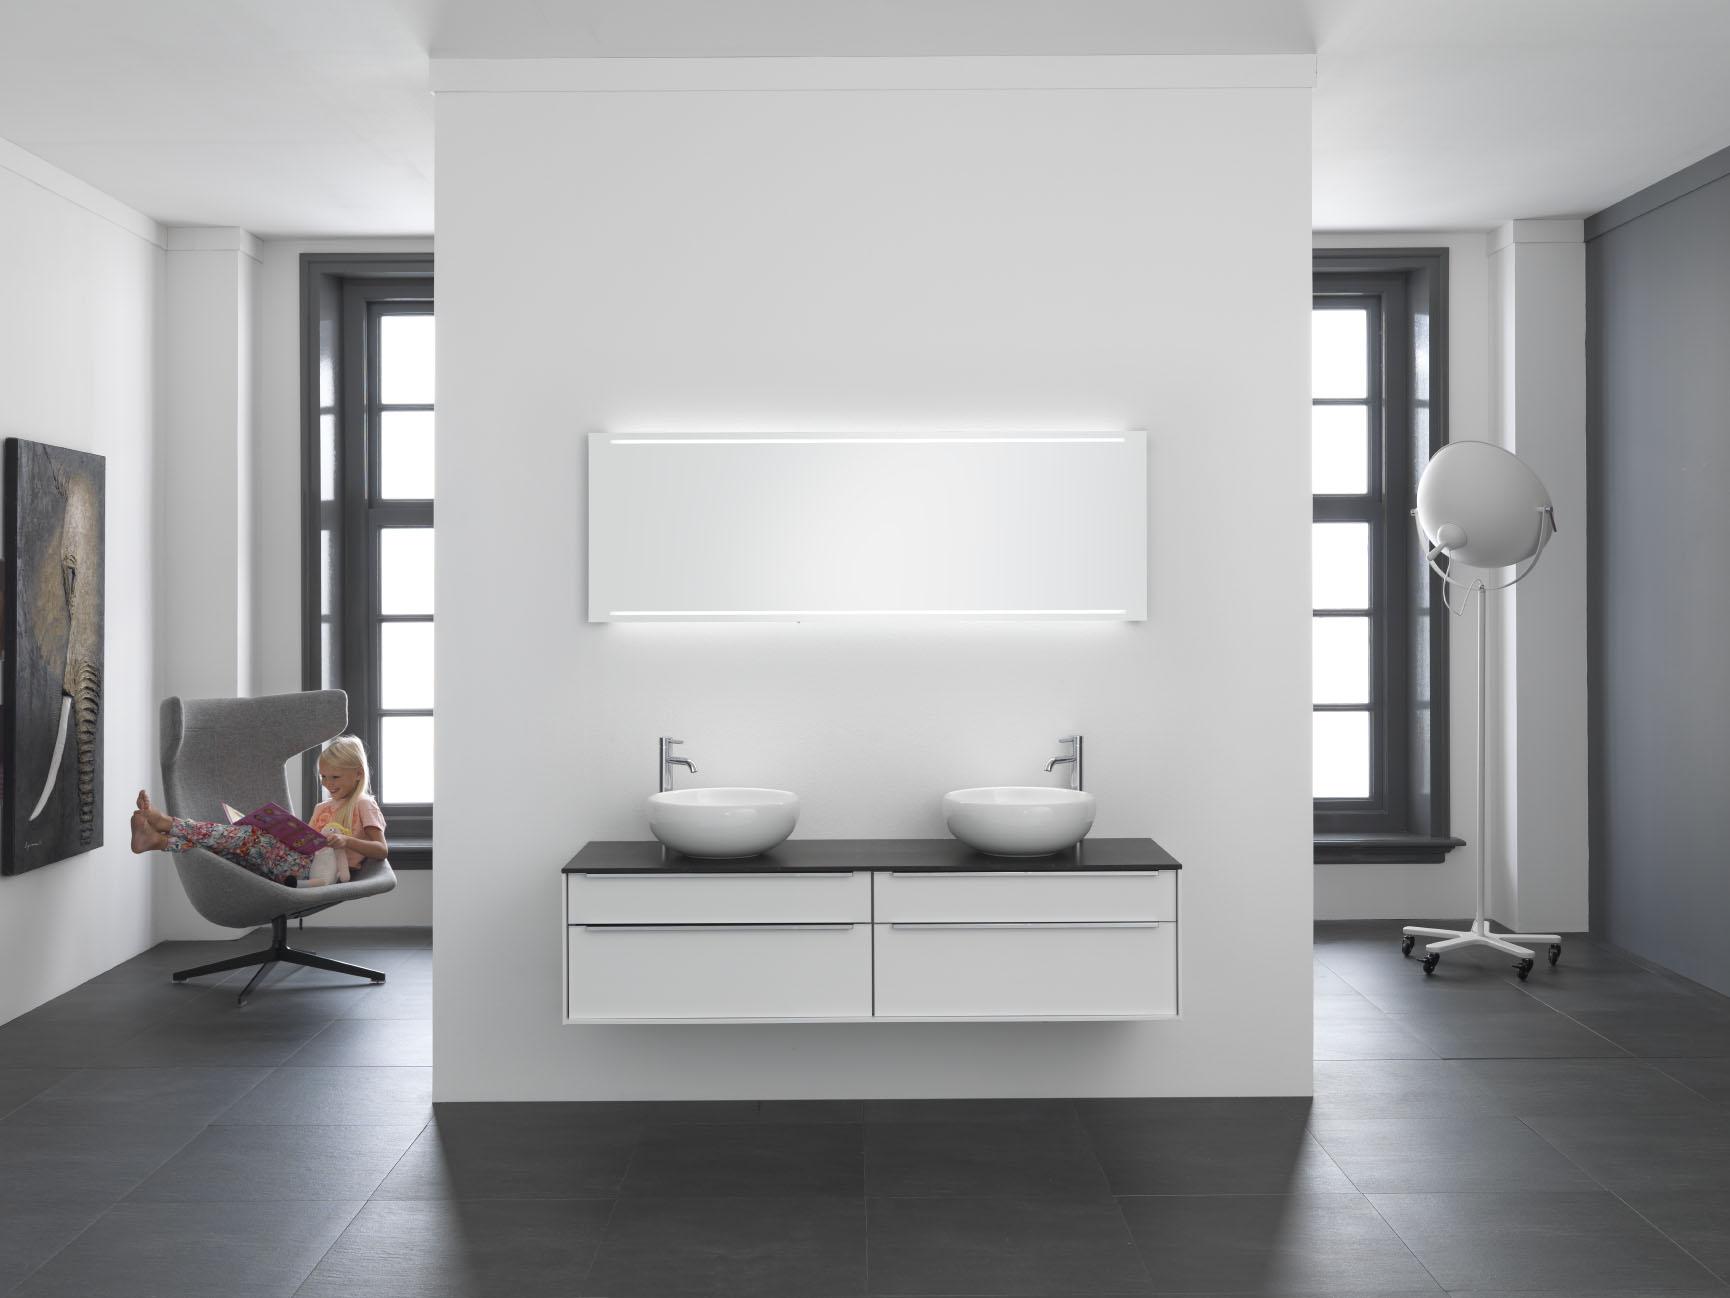 Strak en modern kremer keukens showroom opruiming - Huidige badkamer ...